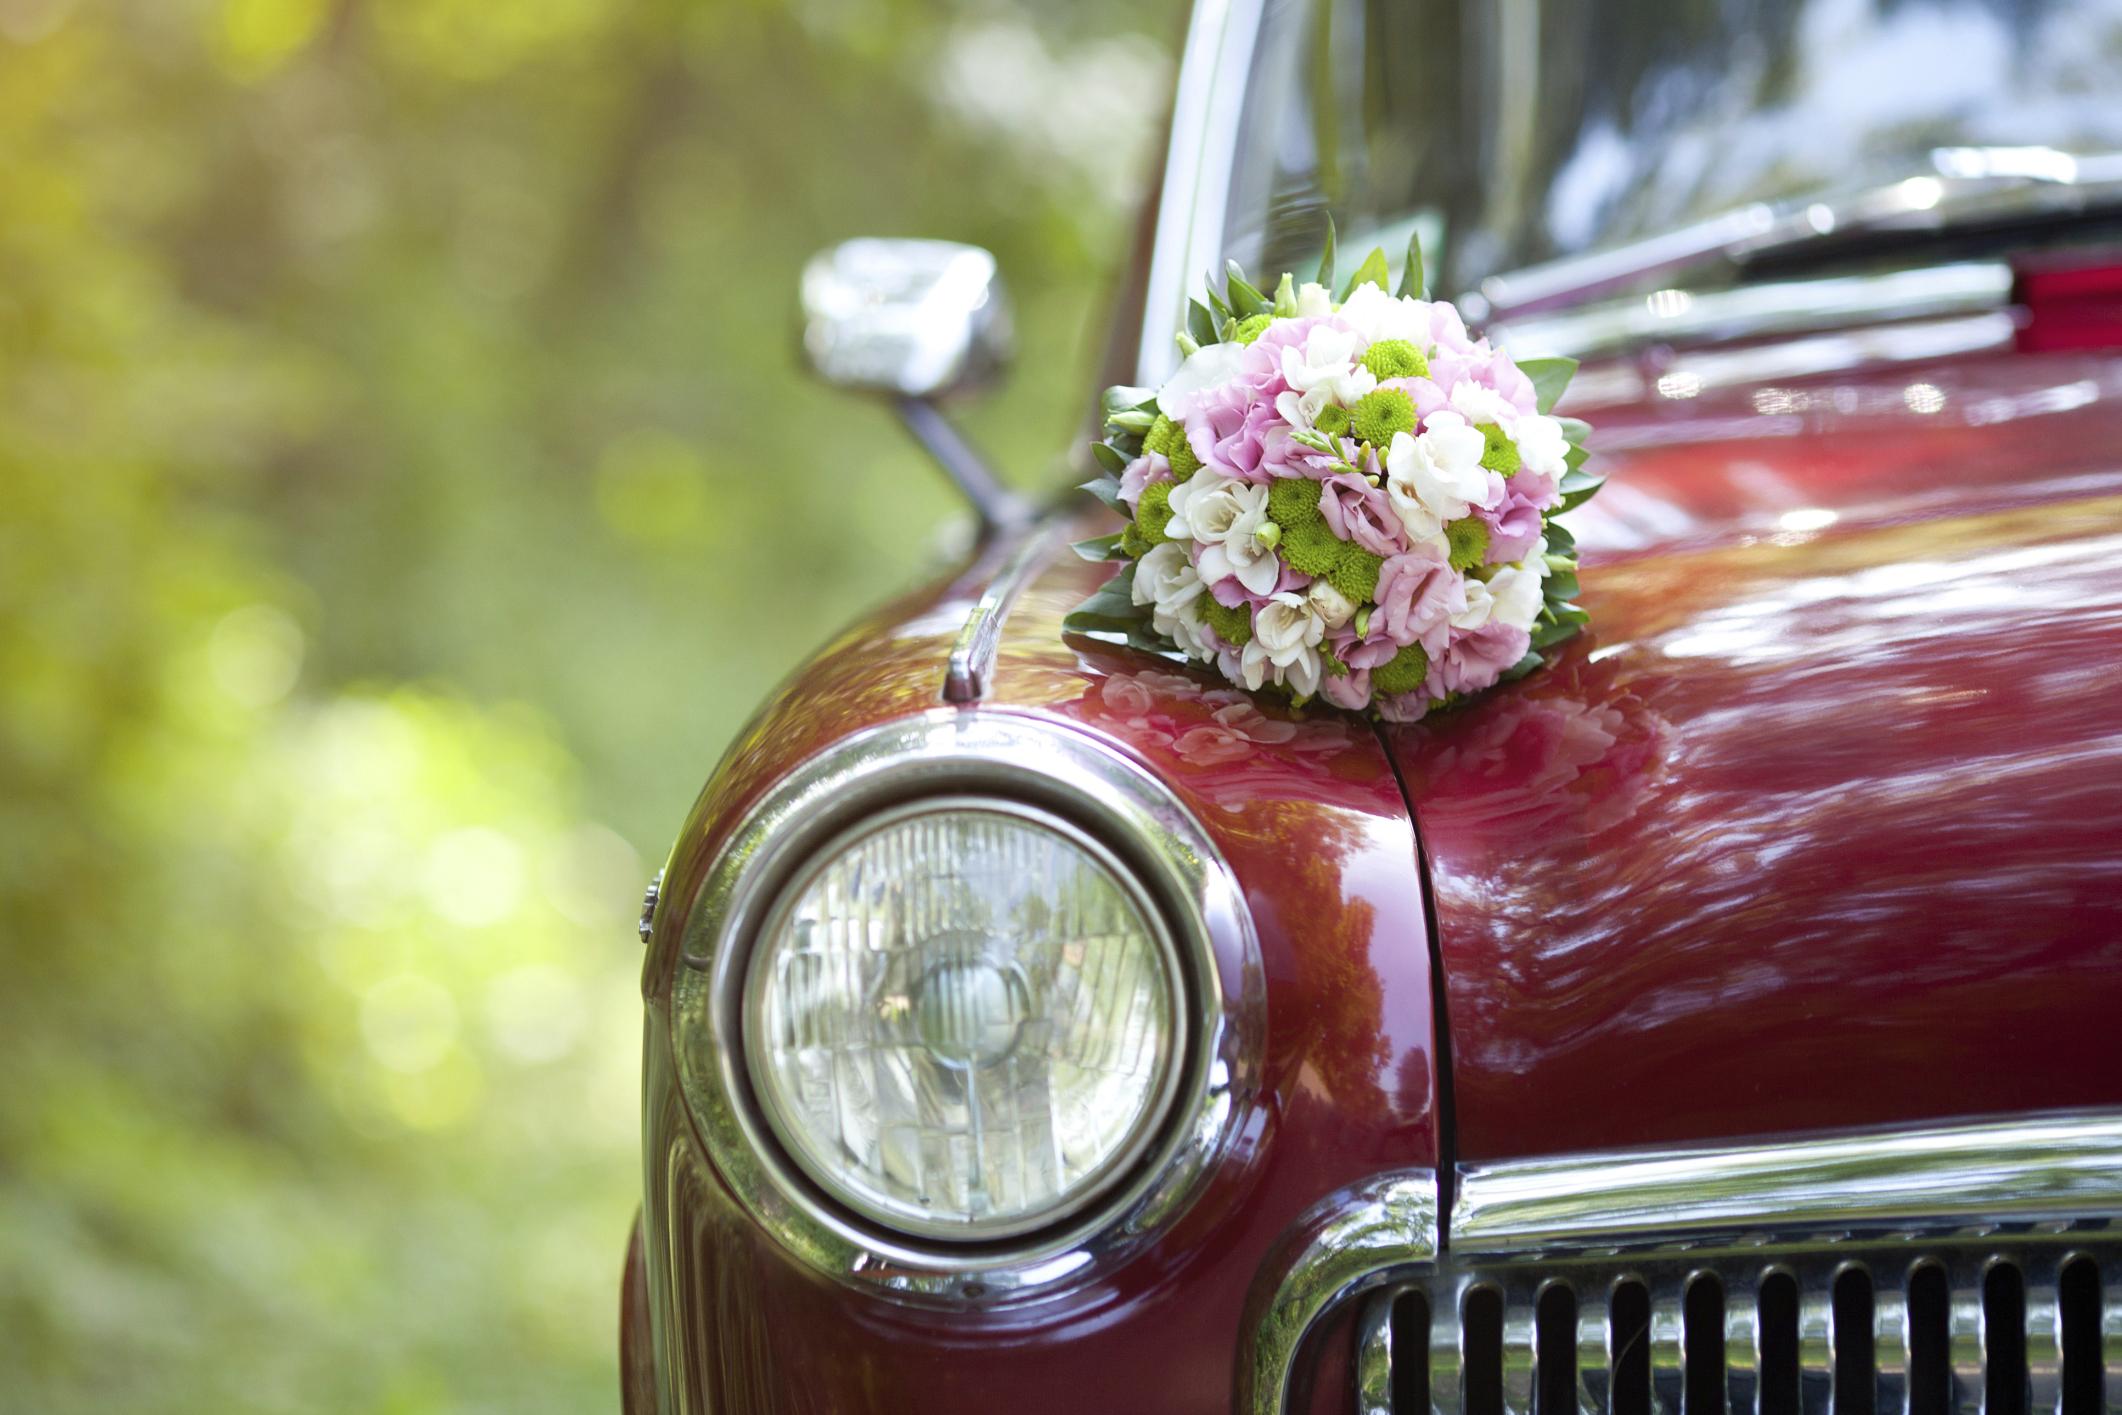 8026c59f67 Vintage wedding car hire - Articles - Easy Weddings